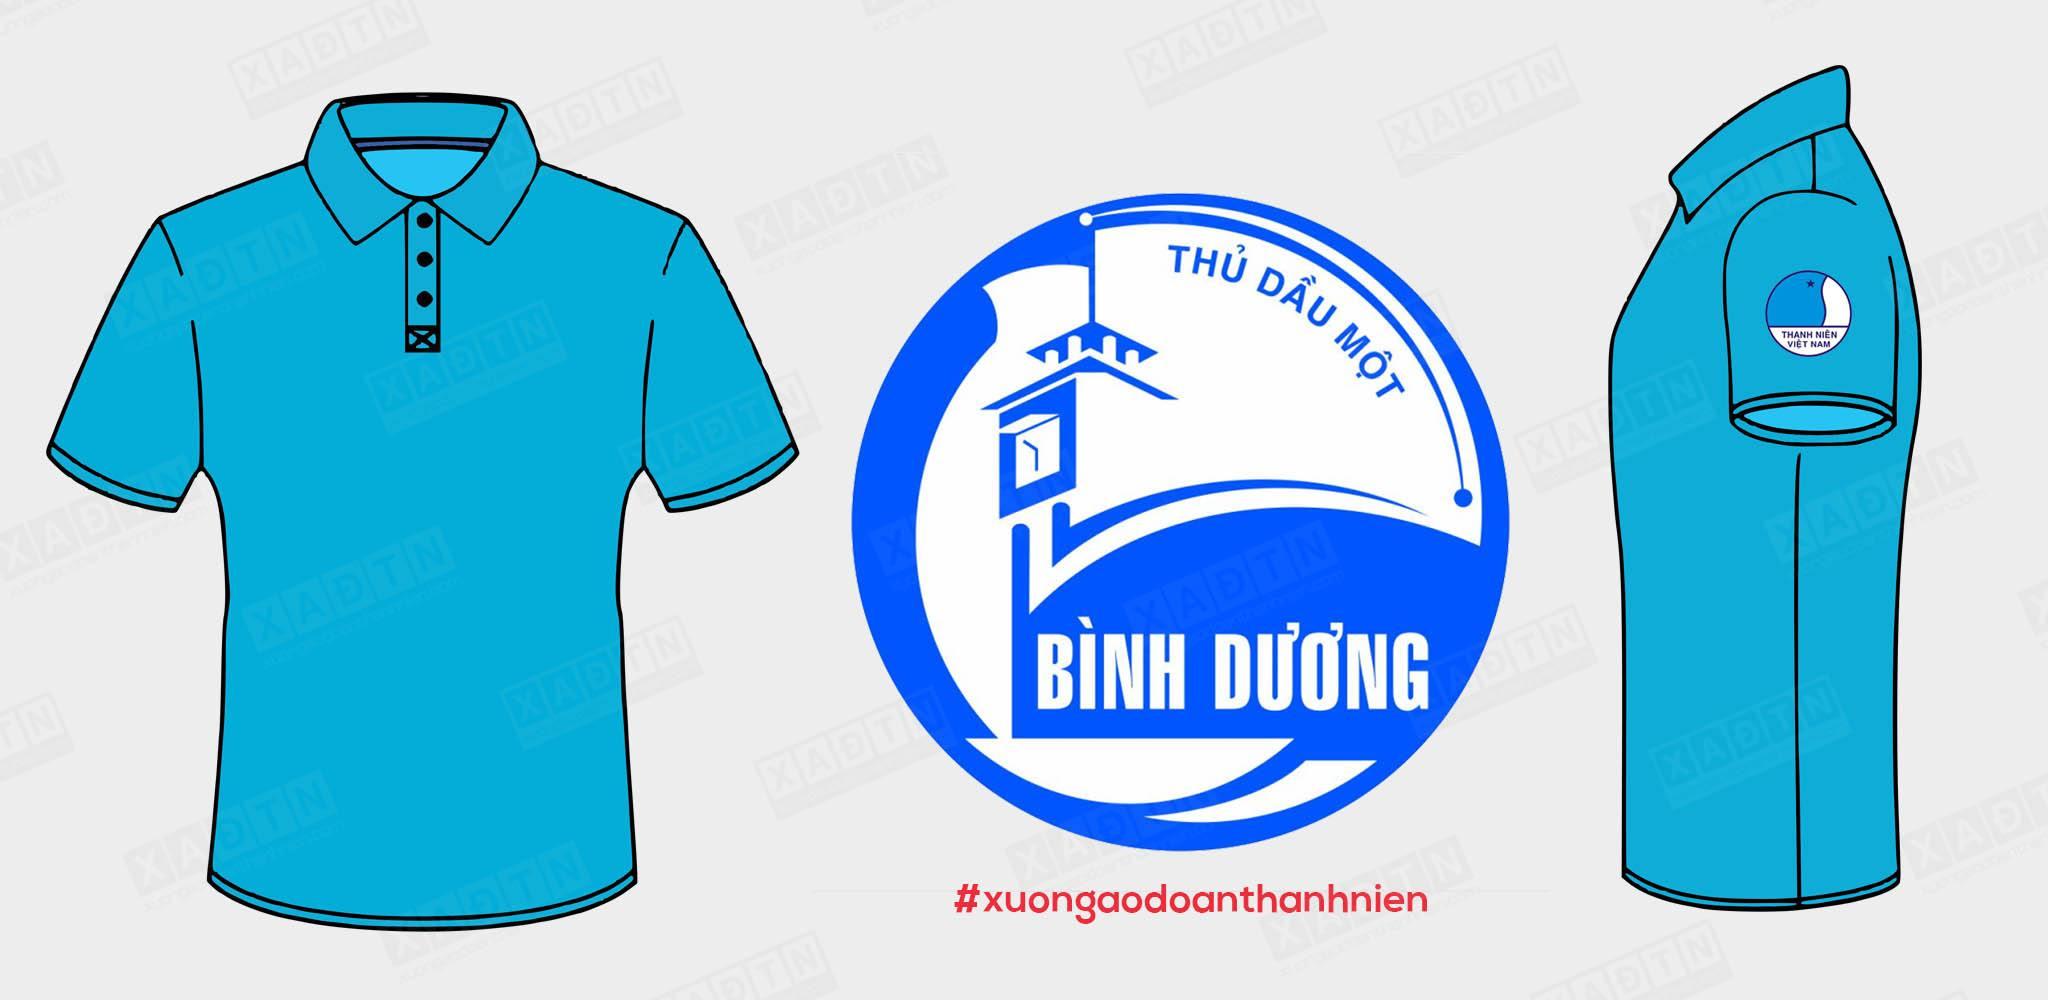 Ao hoi lien Hiep Binh Duong